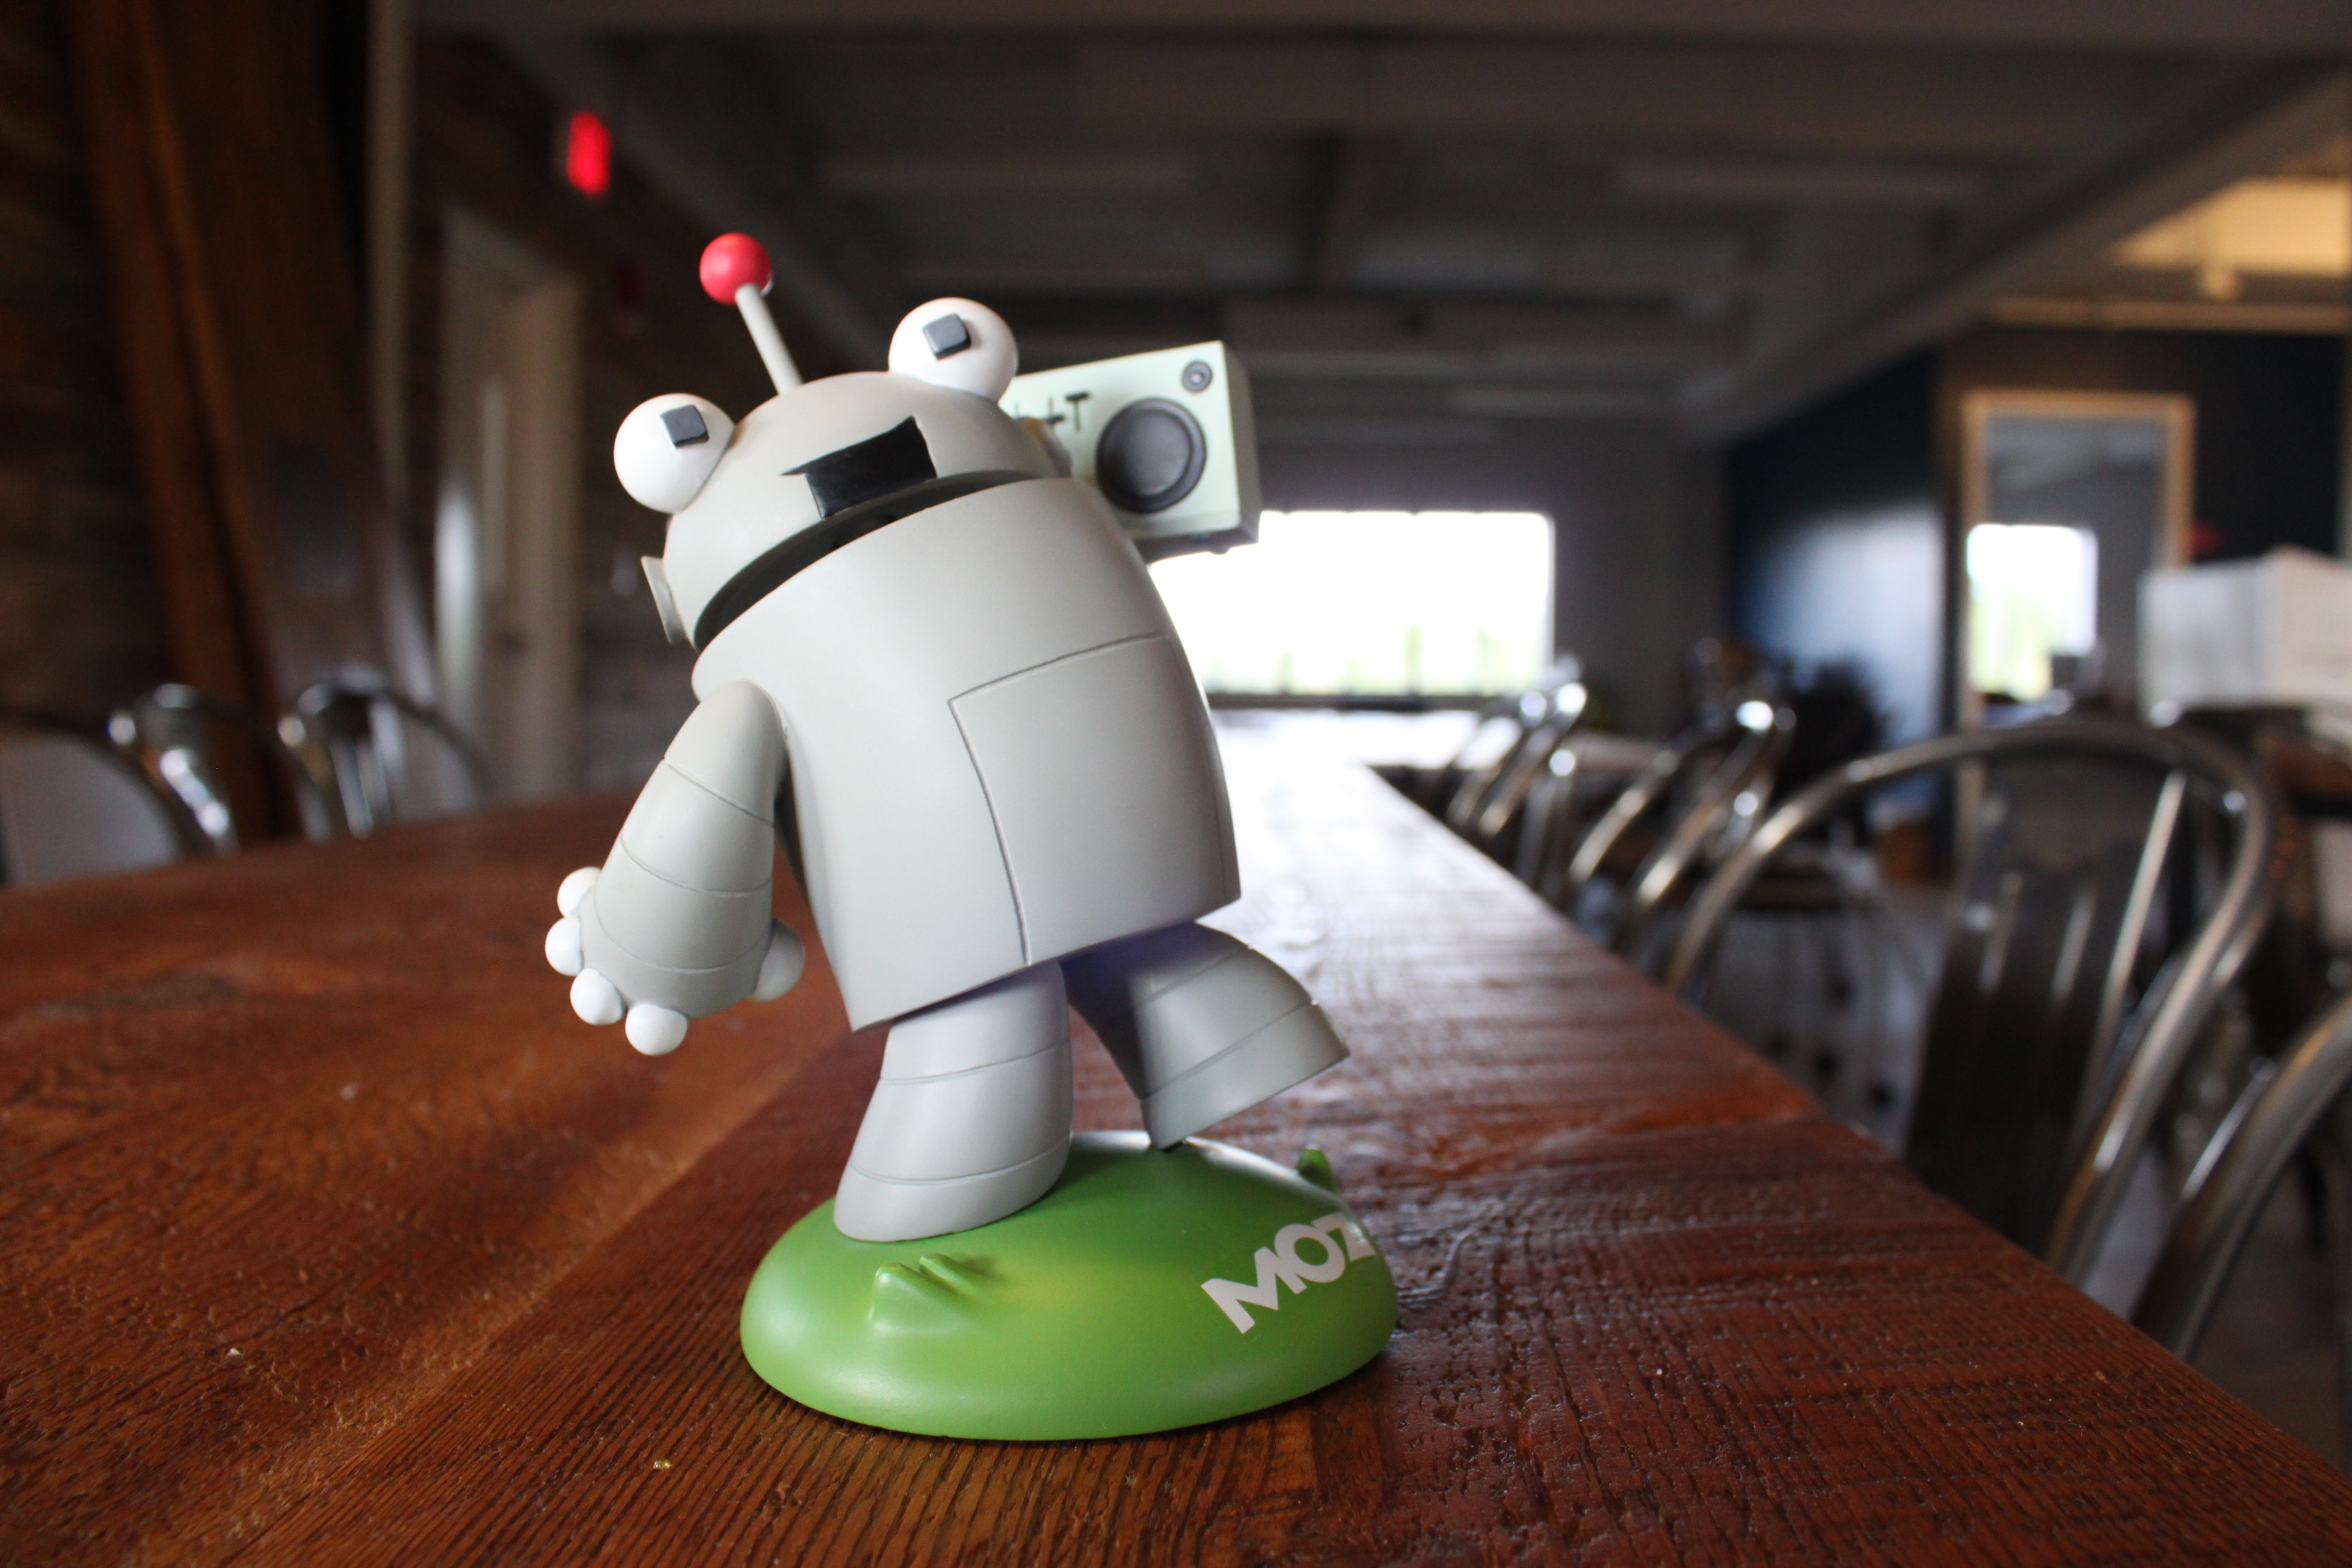 Moz's MozCon Roger Robot